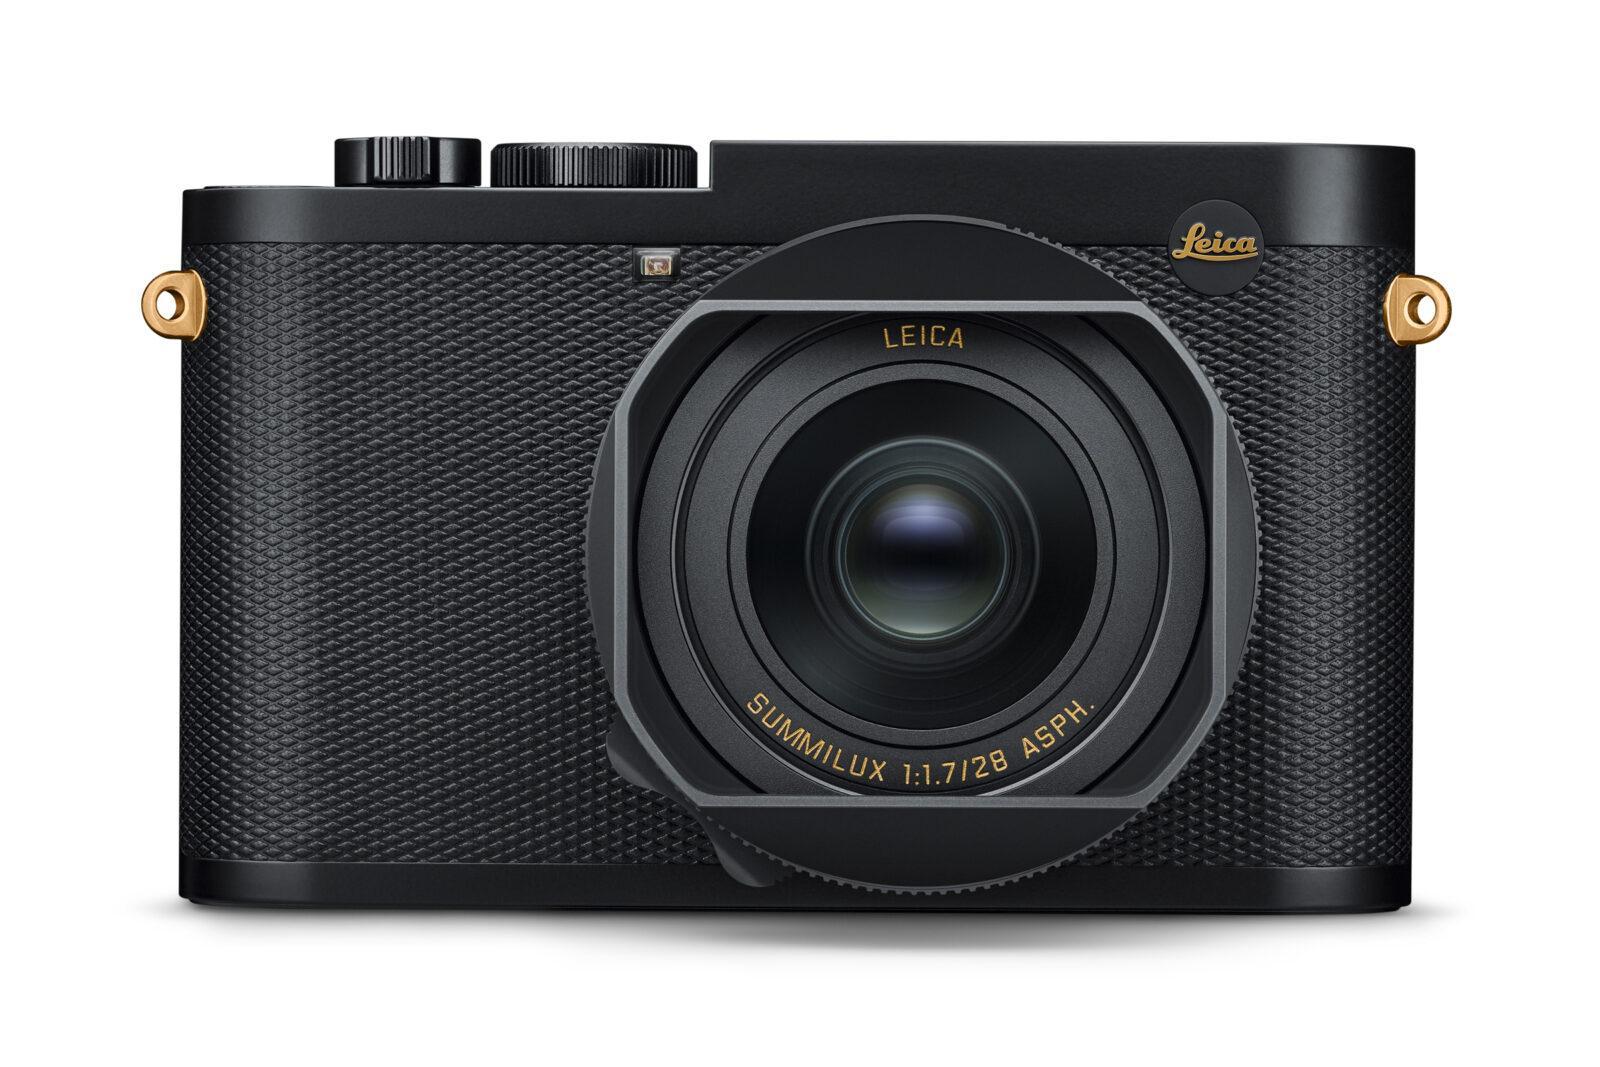 Leica объединилась с Дэниелом Крэйгом и Грегом Уильямсом чтобы выпустить новую версию камеры Leica Q2 (dcgw lores srgb front lenshood)